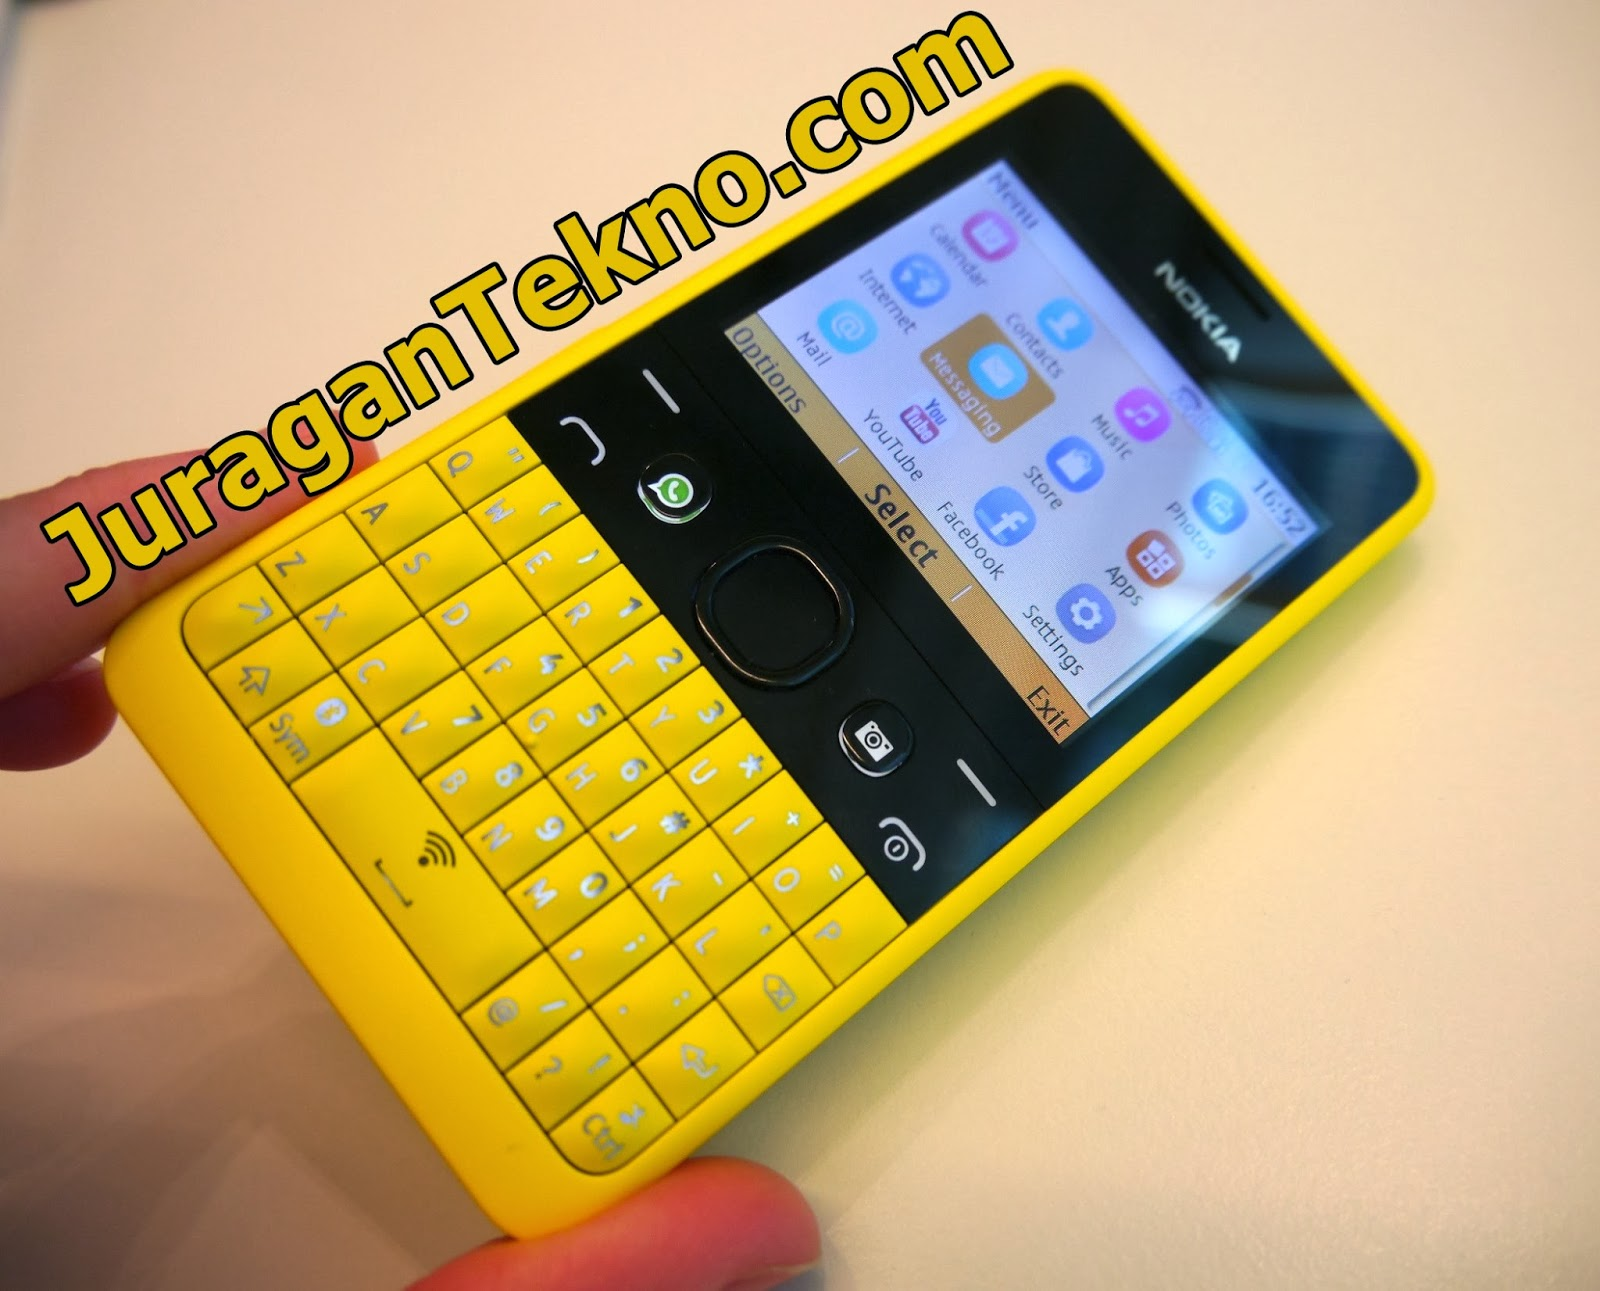 Daftar Hp Blackberry Terbaru Februari 2015 Di Indonesia